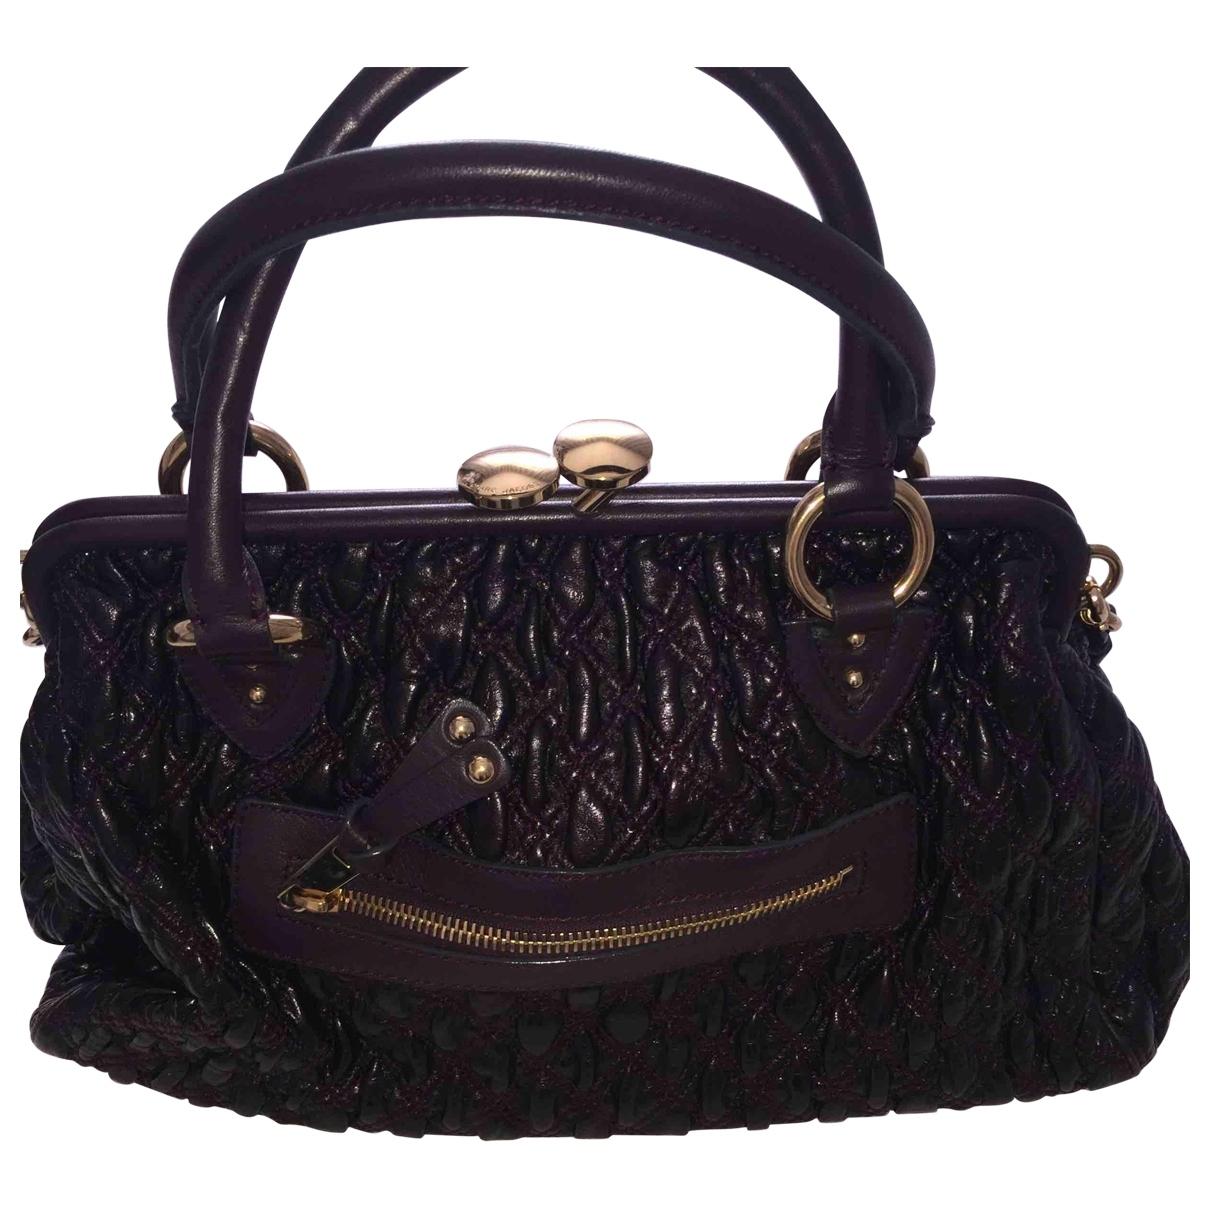 Marc Jacobs Stam Handtasche in  Lila Leder